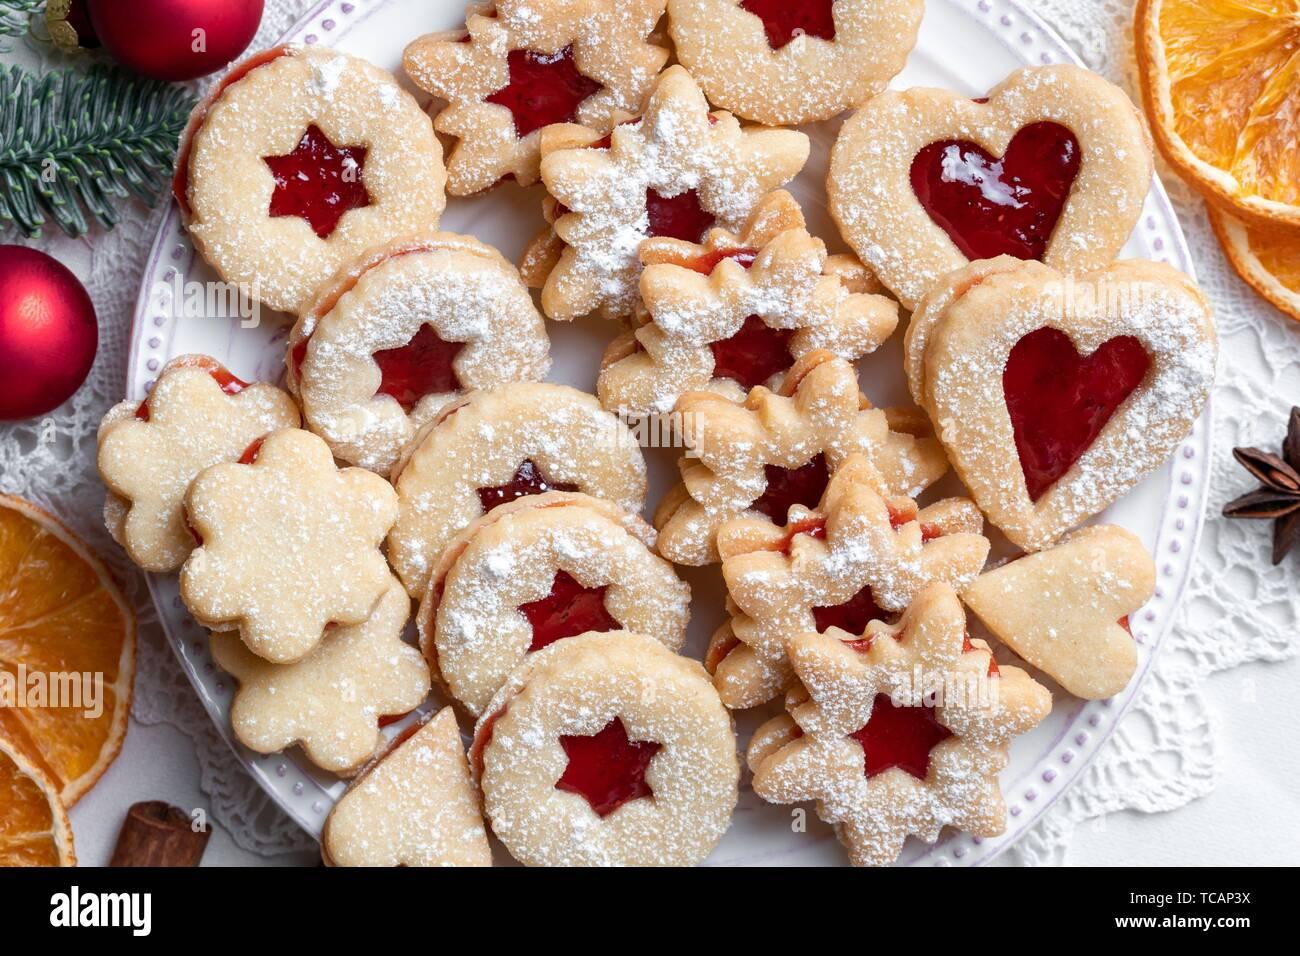 Linzer Weihnachtsplätzchen.Linzer Weihnachtsplätzchen Angeordnet Auf Einem Teller Stockfoto